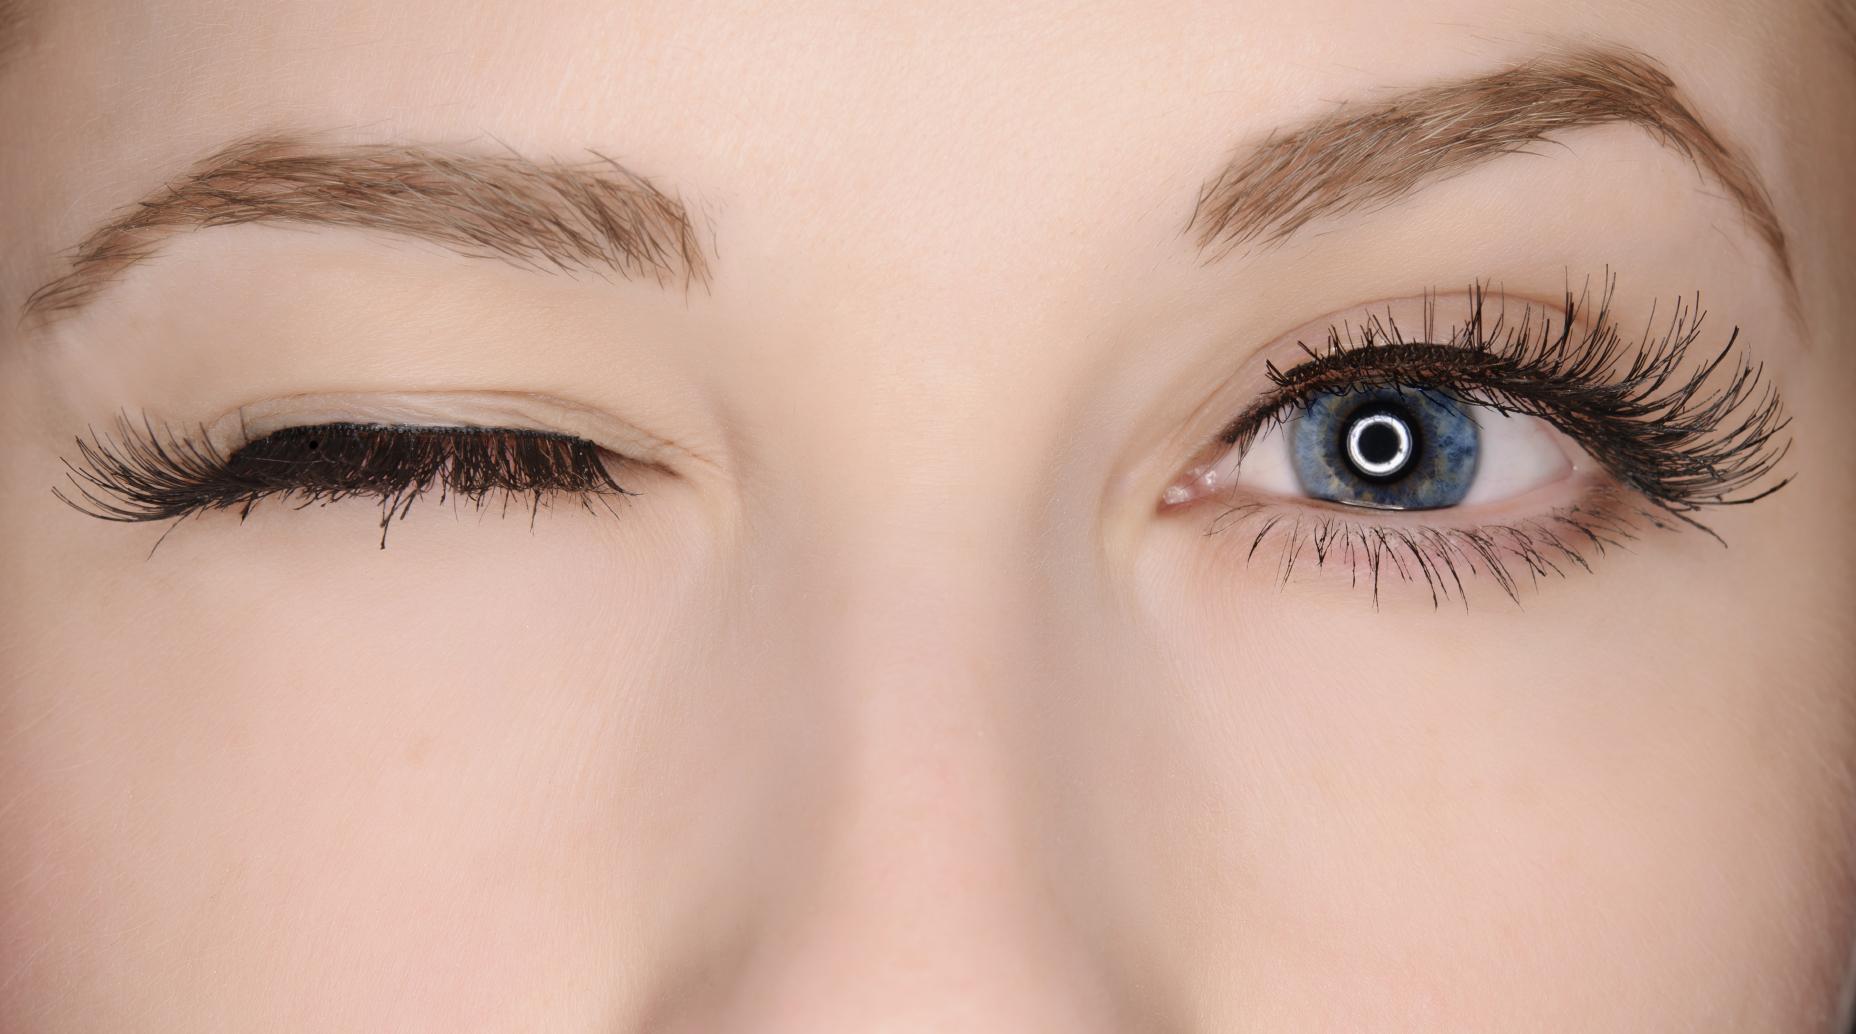 Maschere intorno a occhi per pelle sensibile